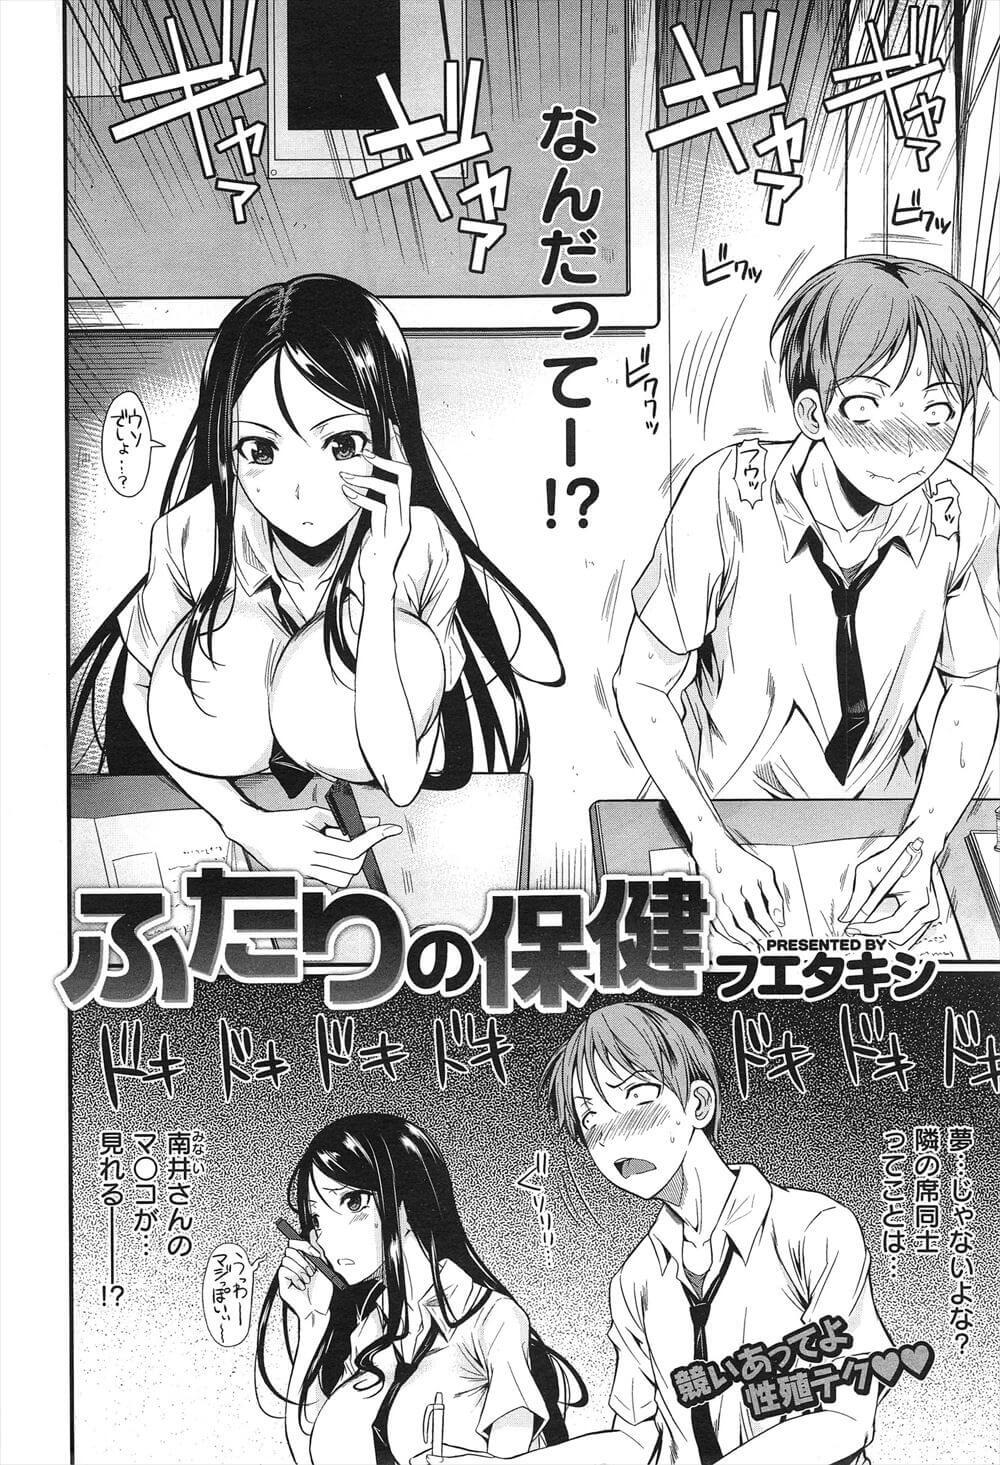 【エロ漫画】保健体育の授業でクラスメイトの巨乳JKとお互いのアソコを見せ合うことになって…w【無料 エロ同人】